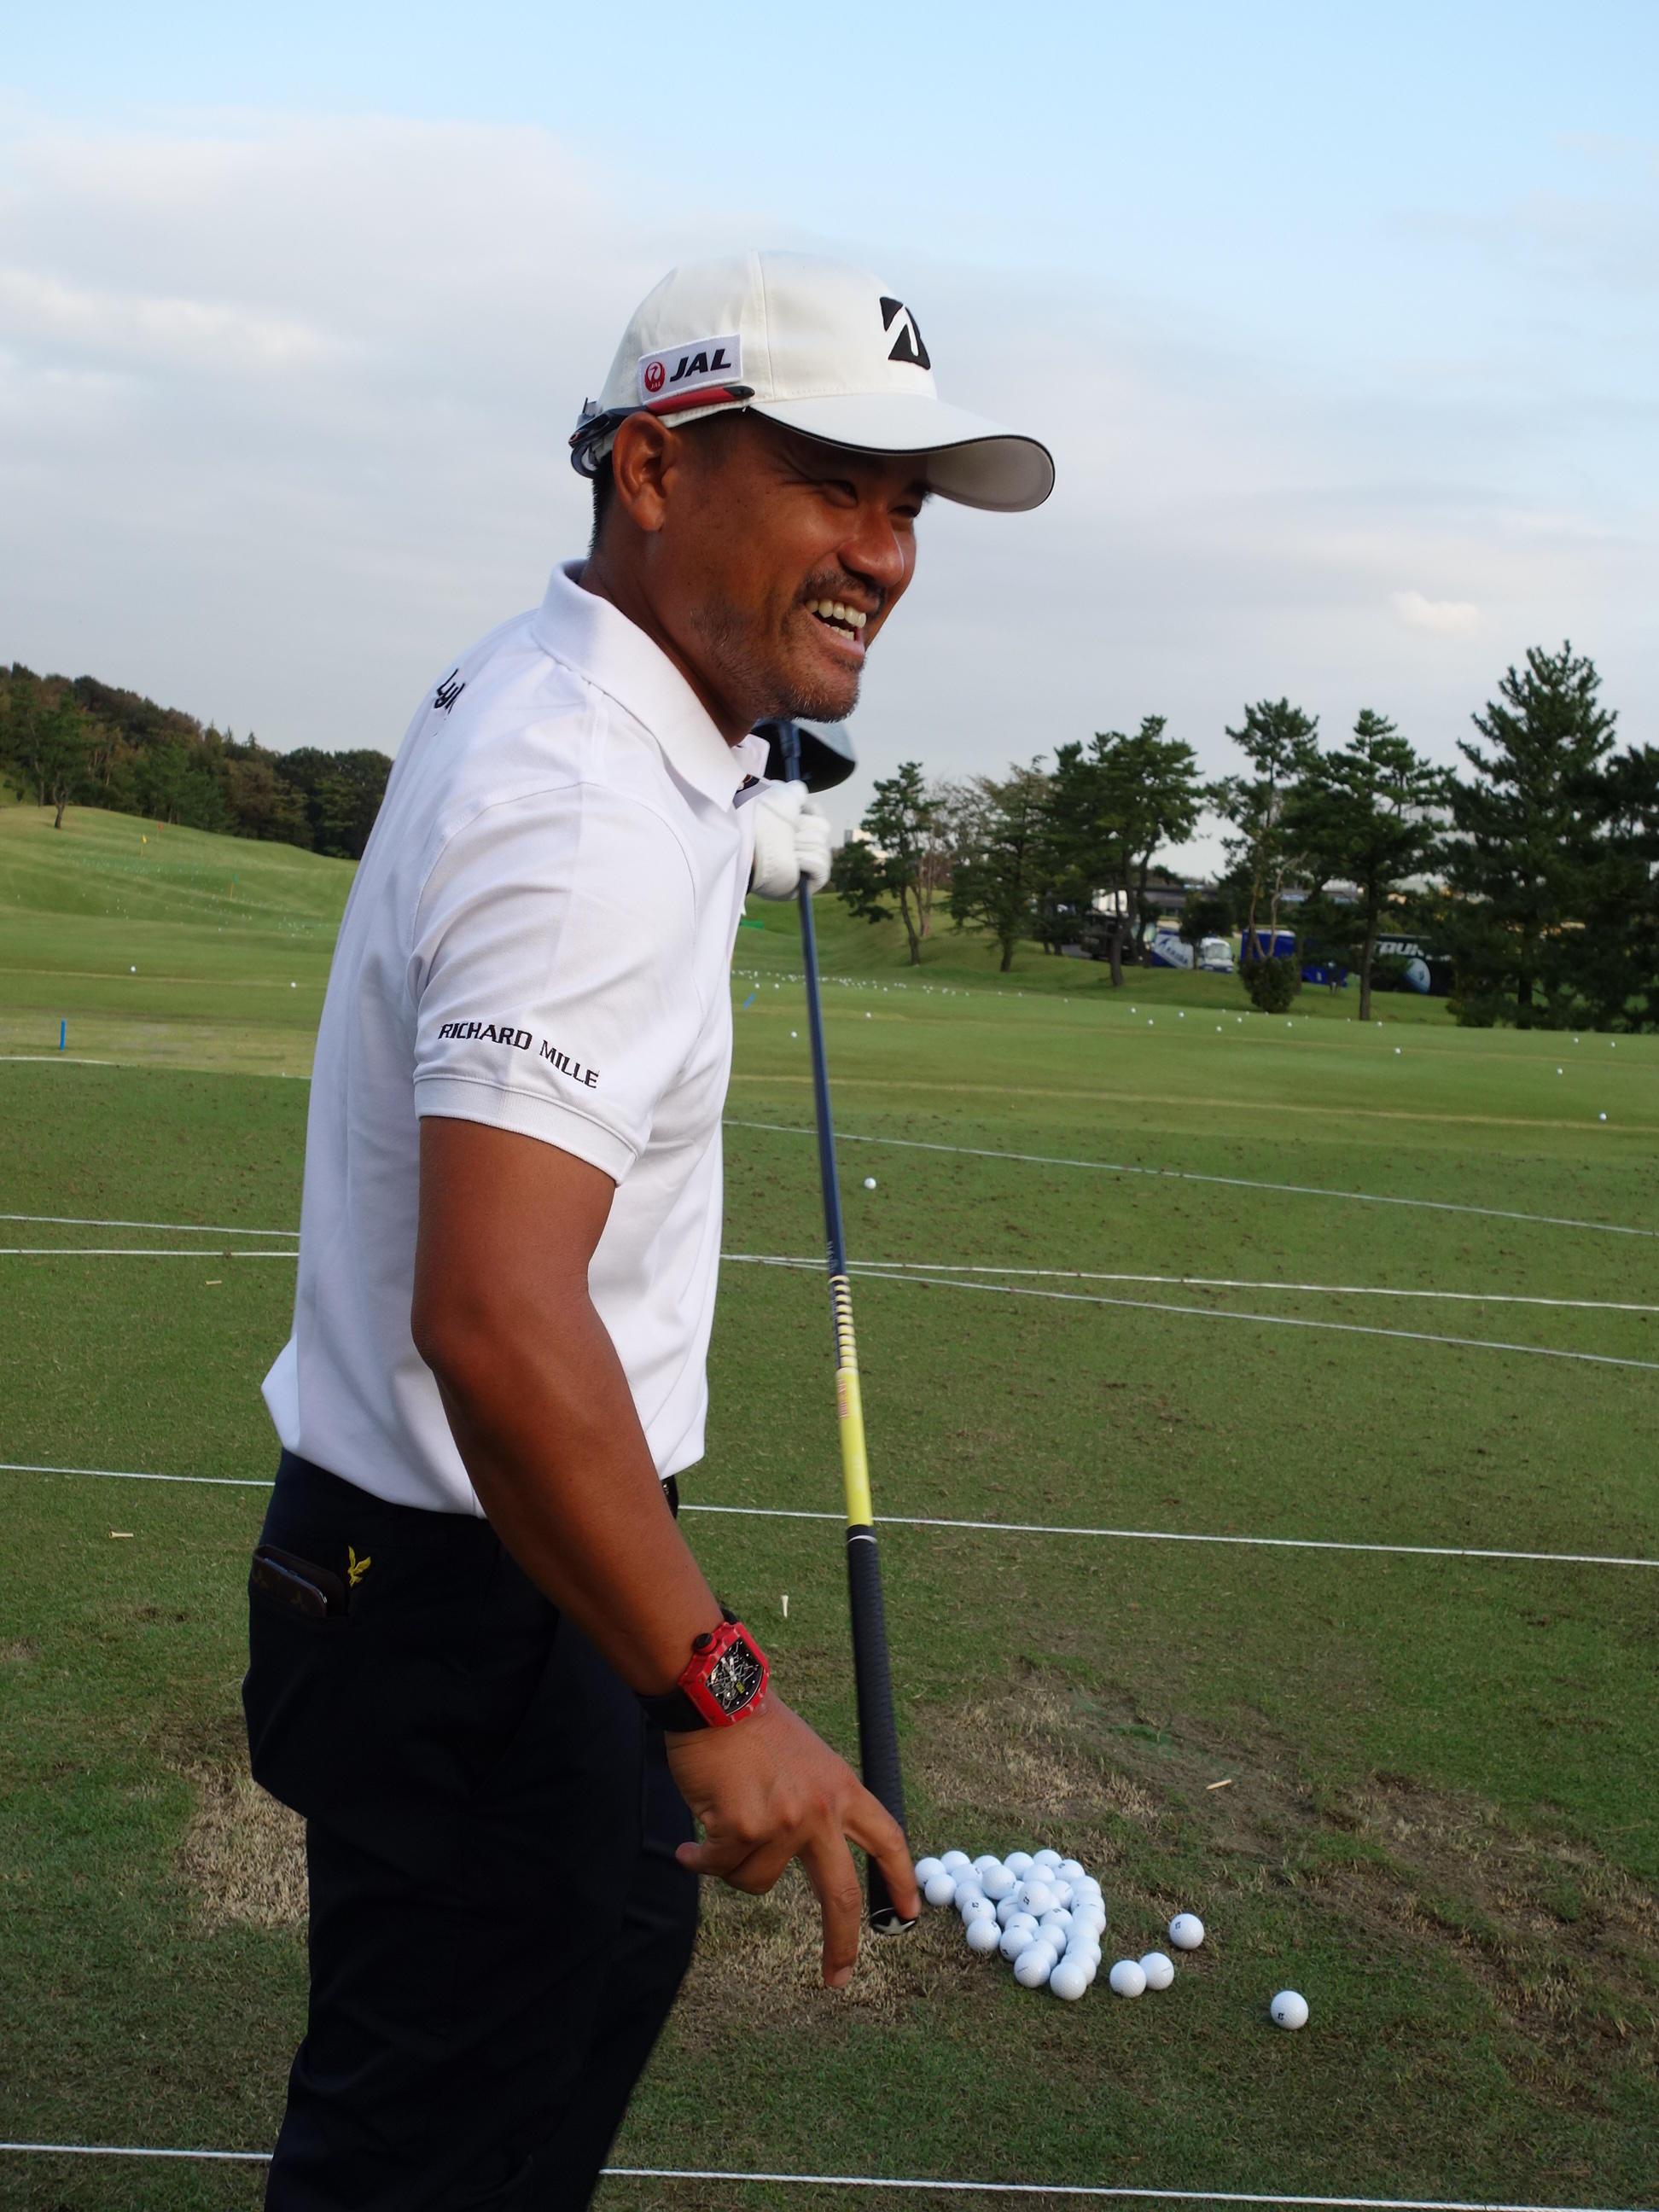 http://www.bs-golf.com/pro/491a120cbed140eb54806f95e3bd96ef0841ece4.JPG